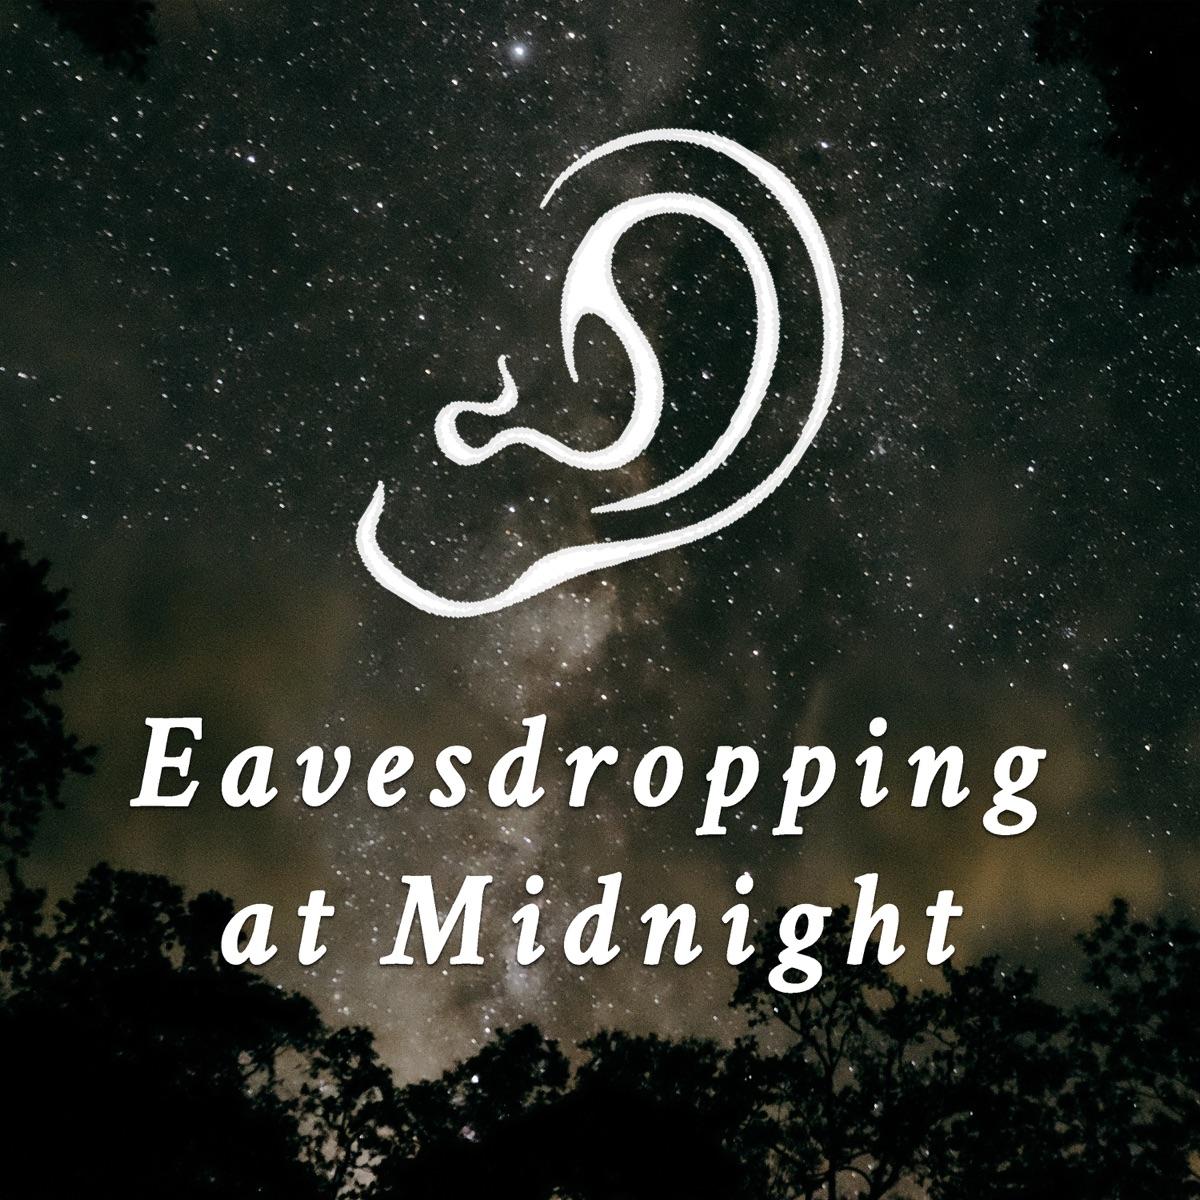 visuel d'Eavesdropping at Midnight